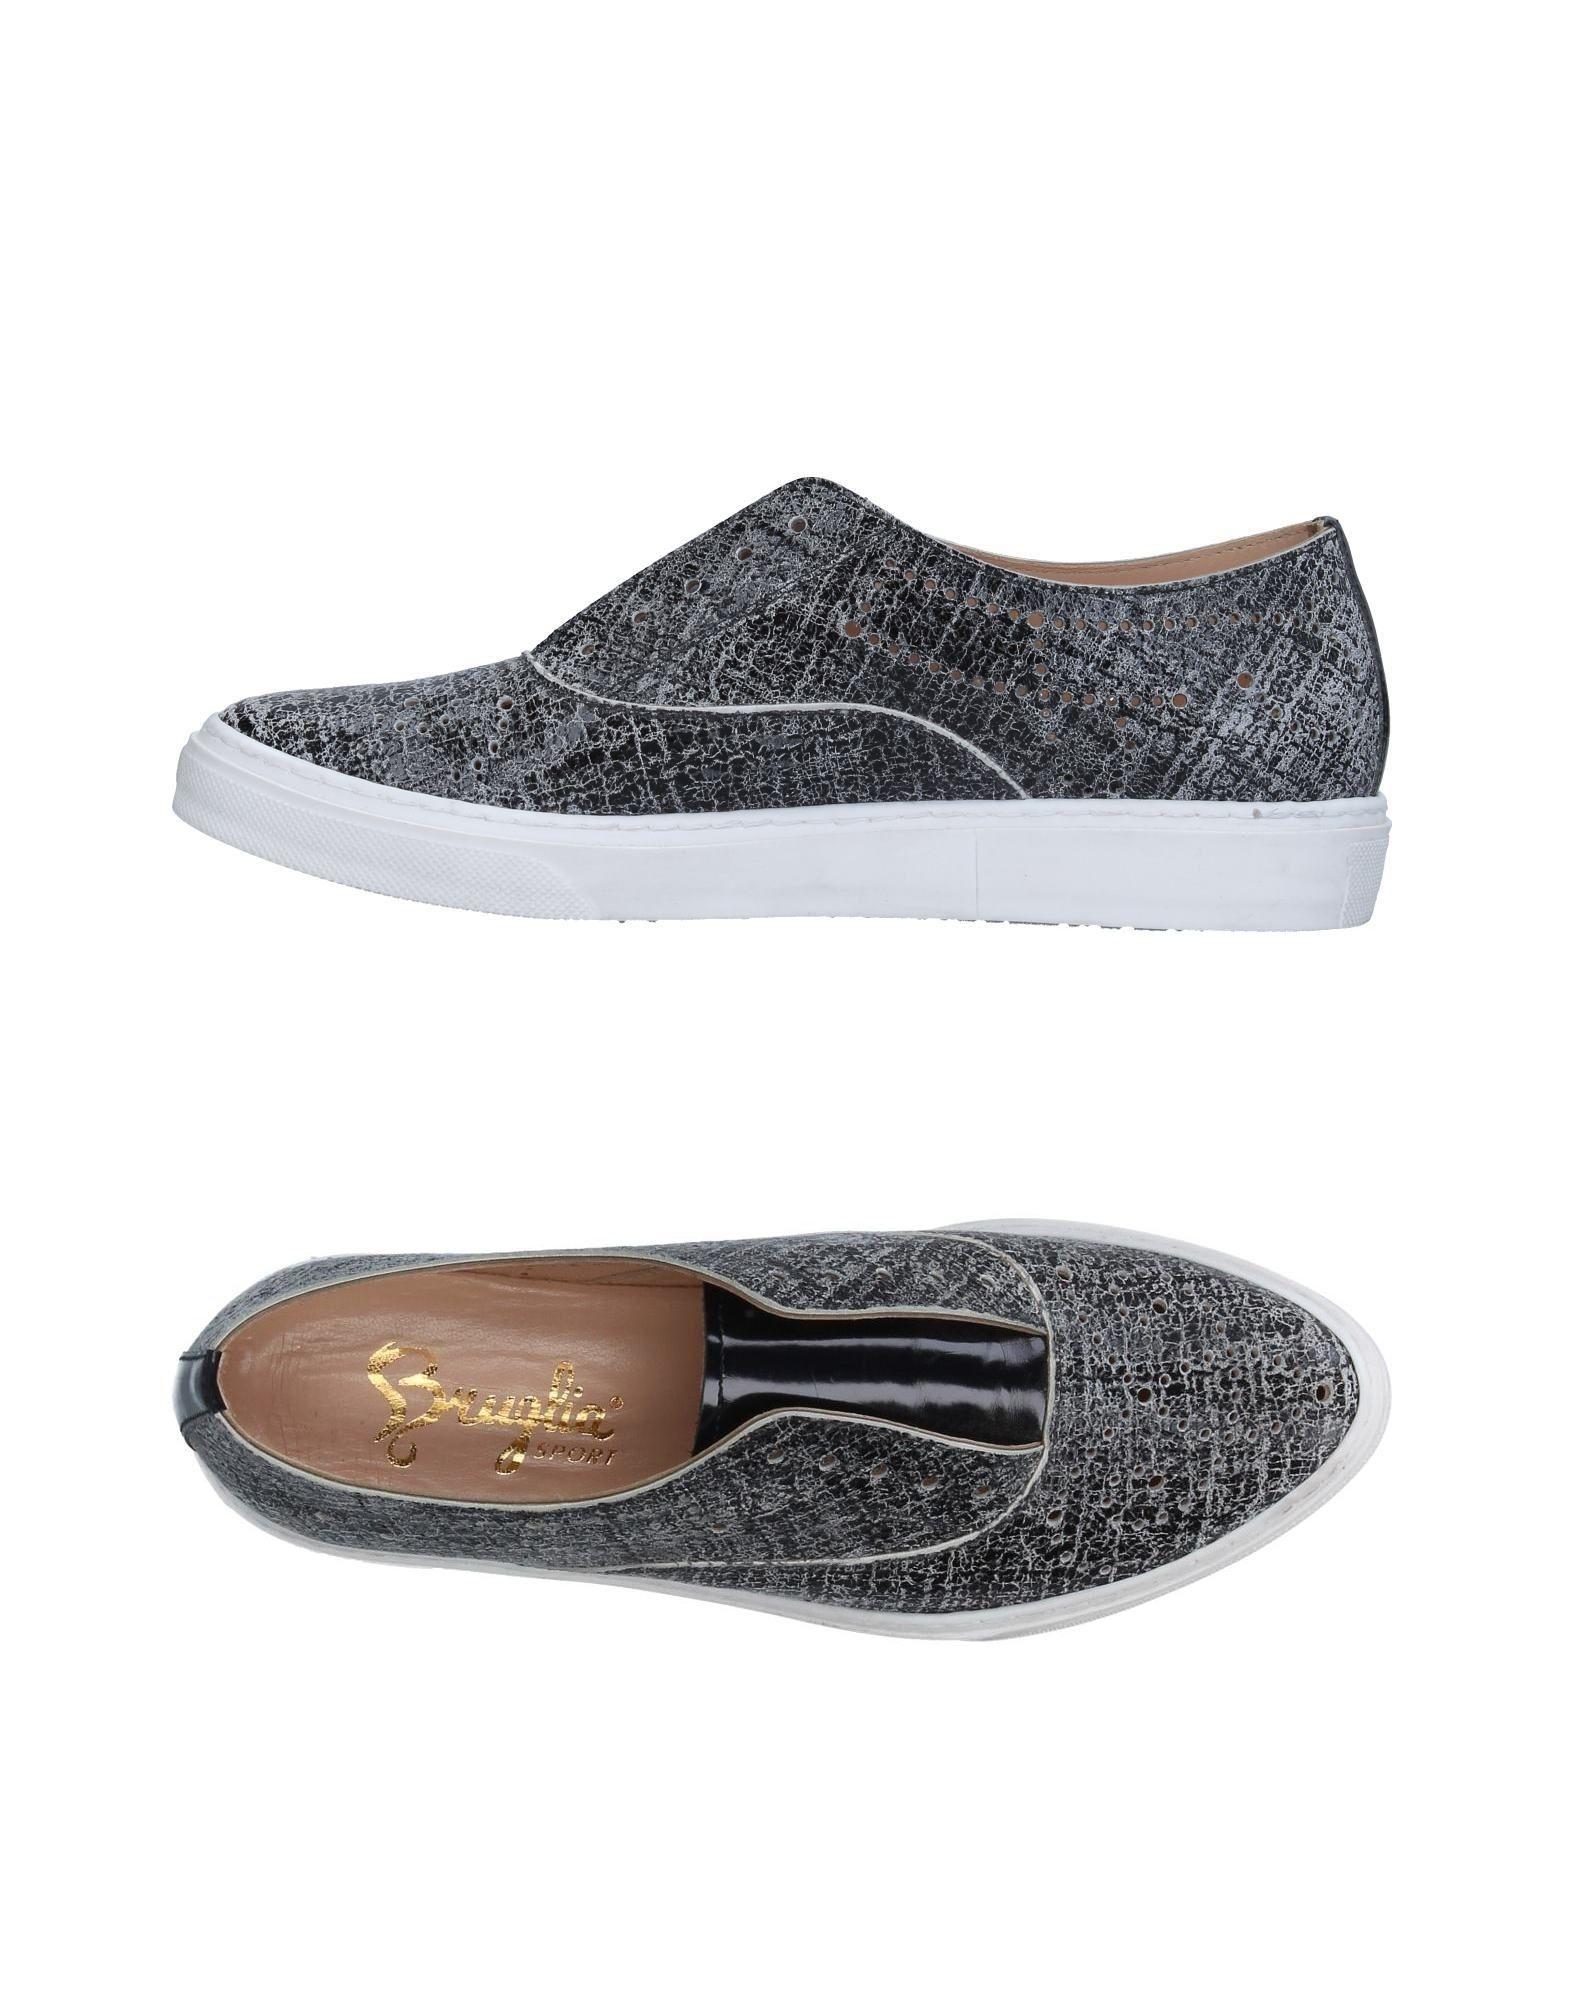 Sneakers F.Lli F.Lli Sneakers Bruglia Donna - 11313361TB 6a3633